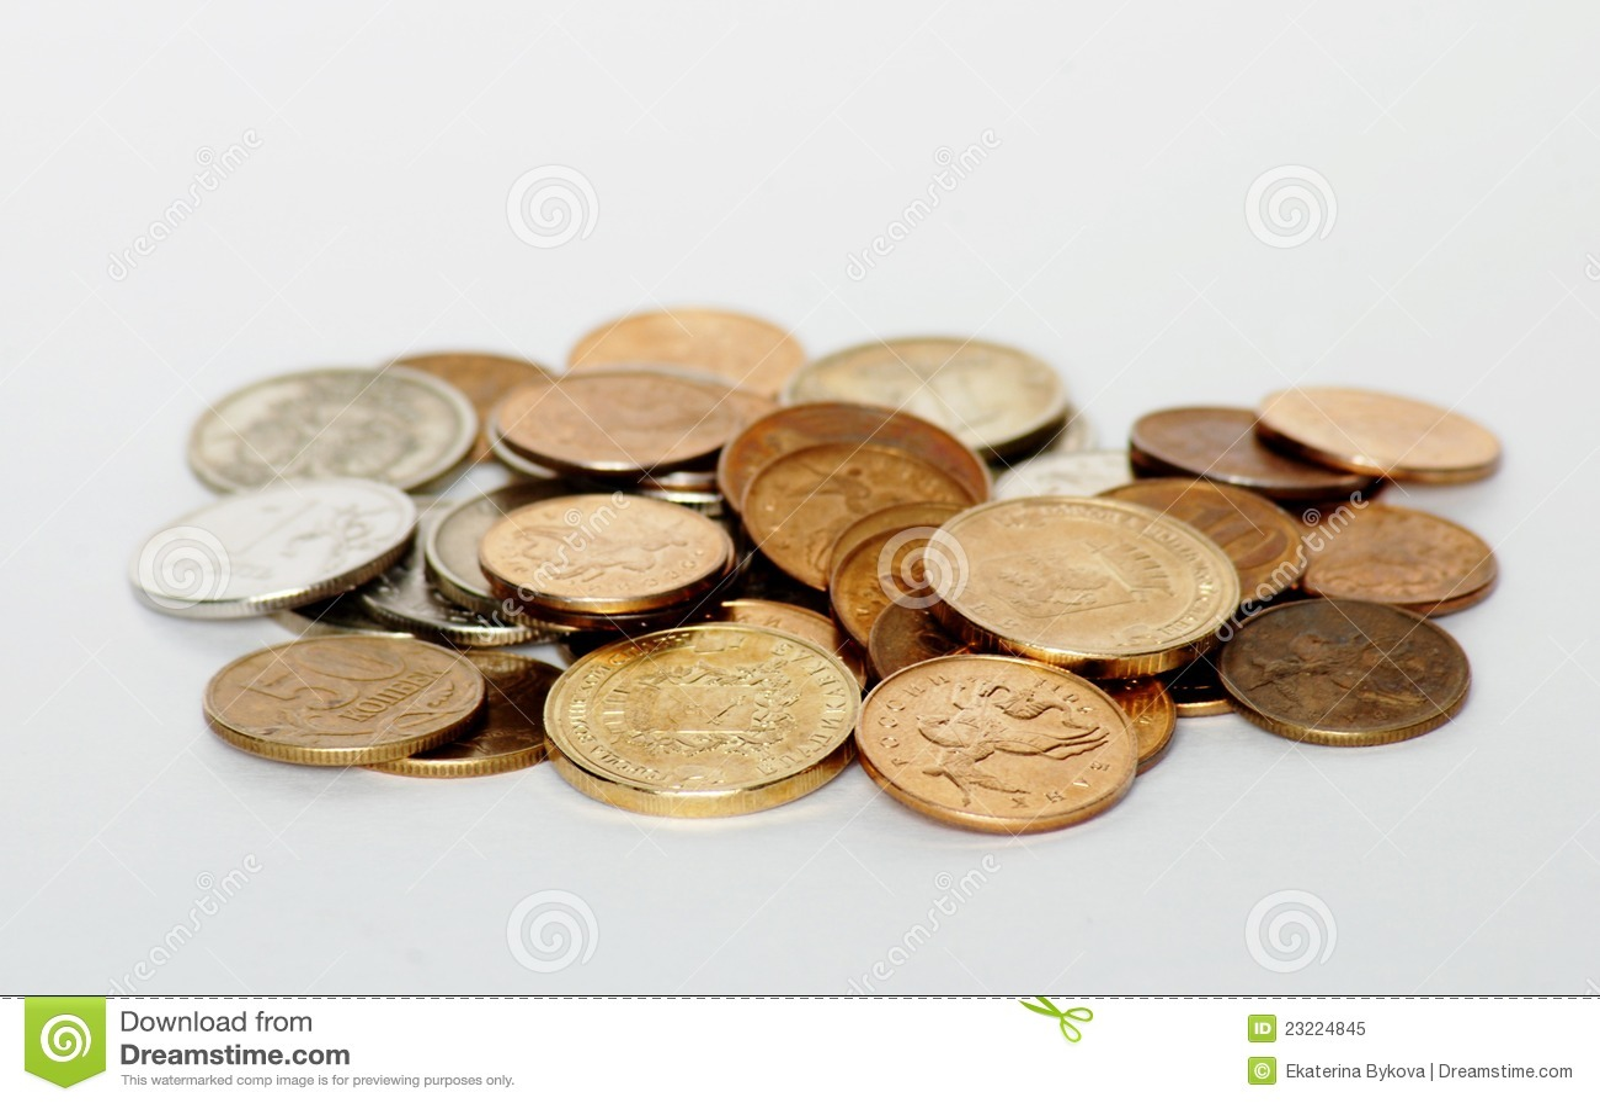 背景铸造许多货币俄国白色